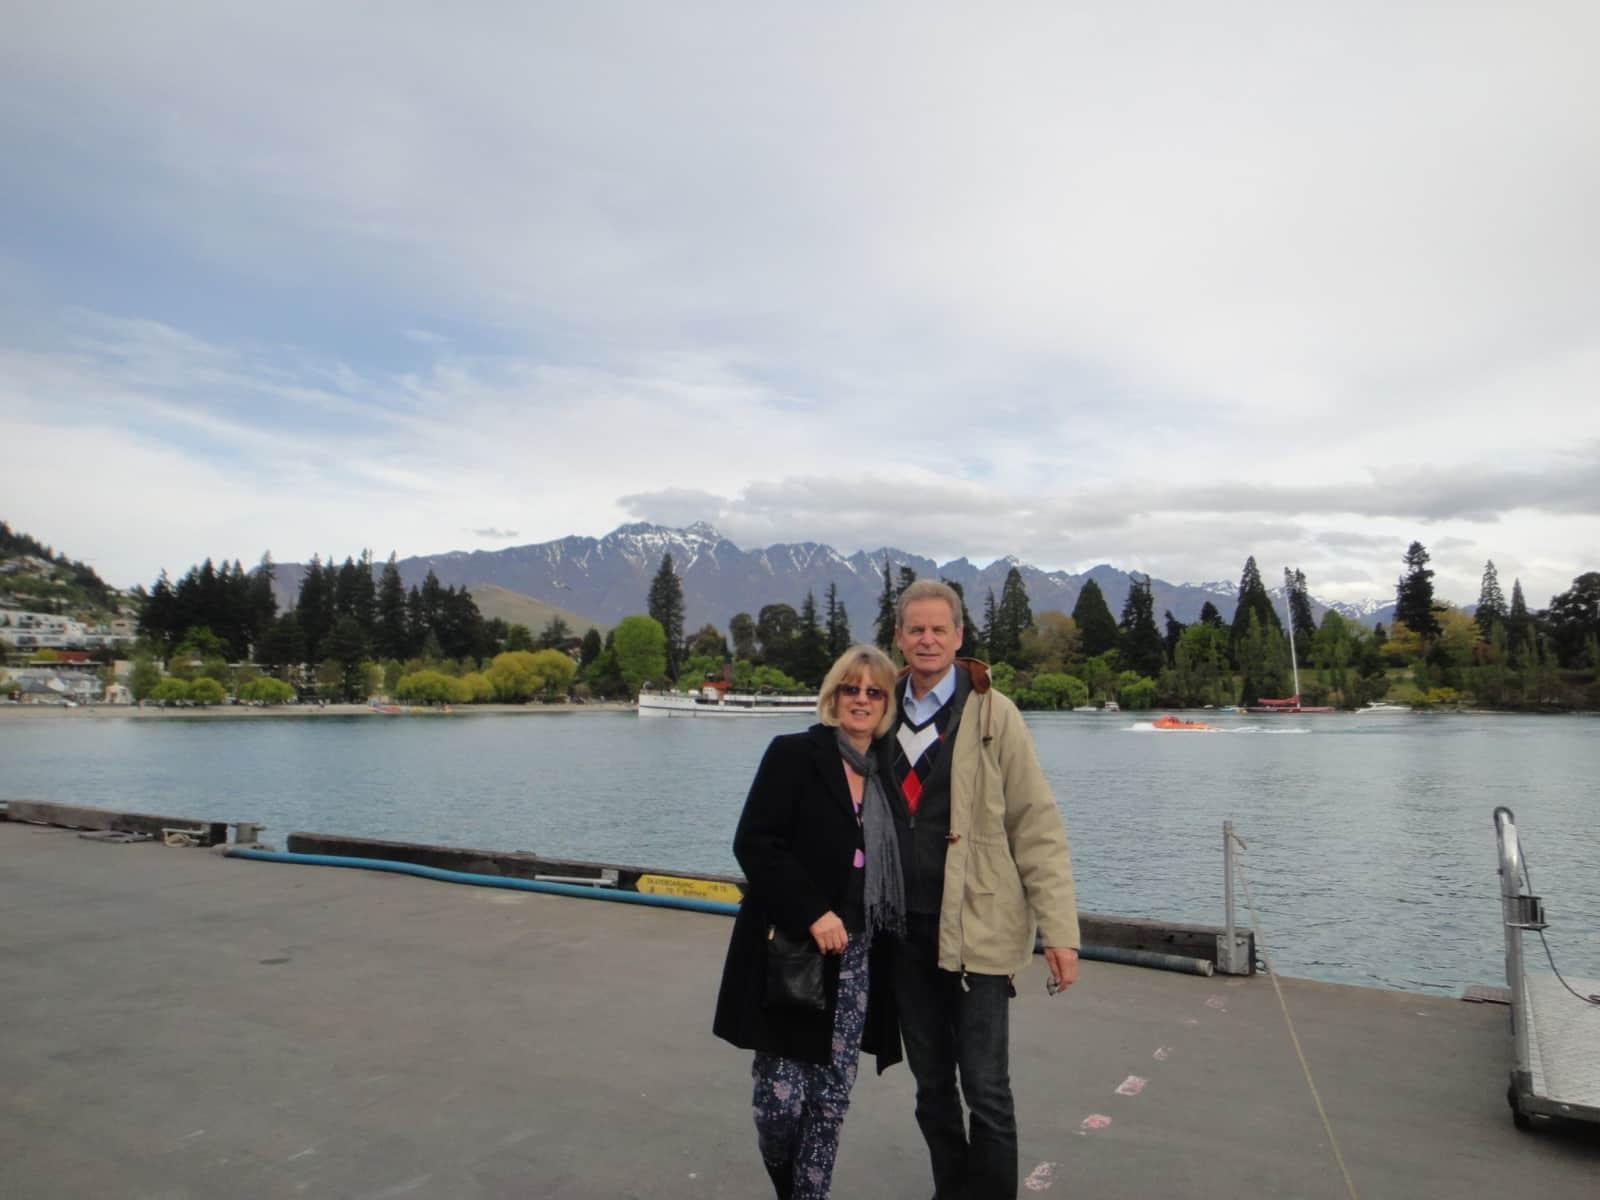 Manfred & Meredith from Brisbane, Queensland, Australia